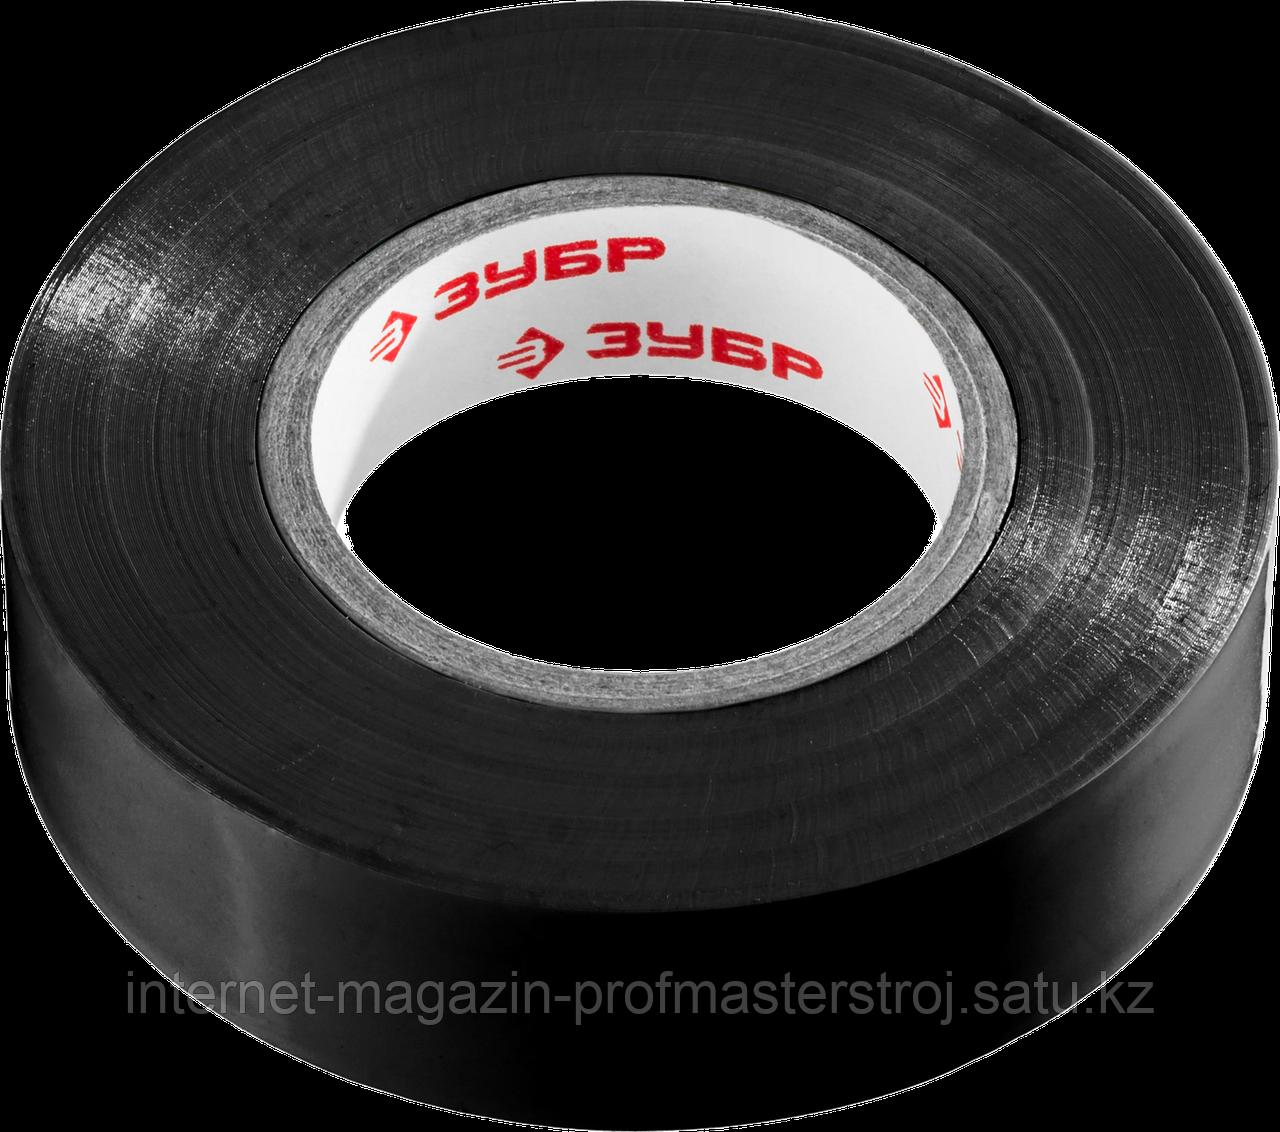 Изолента ПВХ, не поддерживающая горение, 6000 В, 19 мм х 20 м, черная, серия «МАСТЕР», ЗУБР